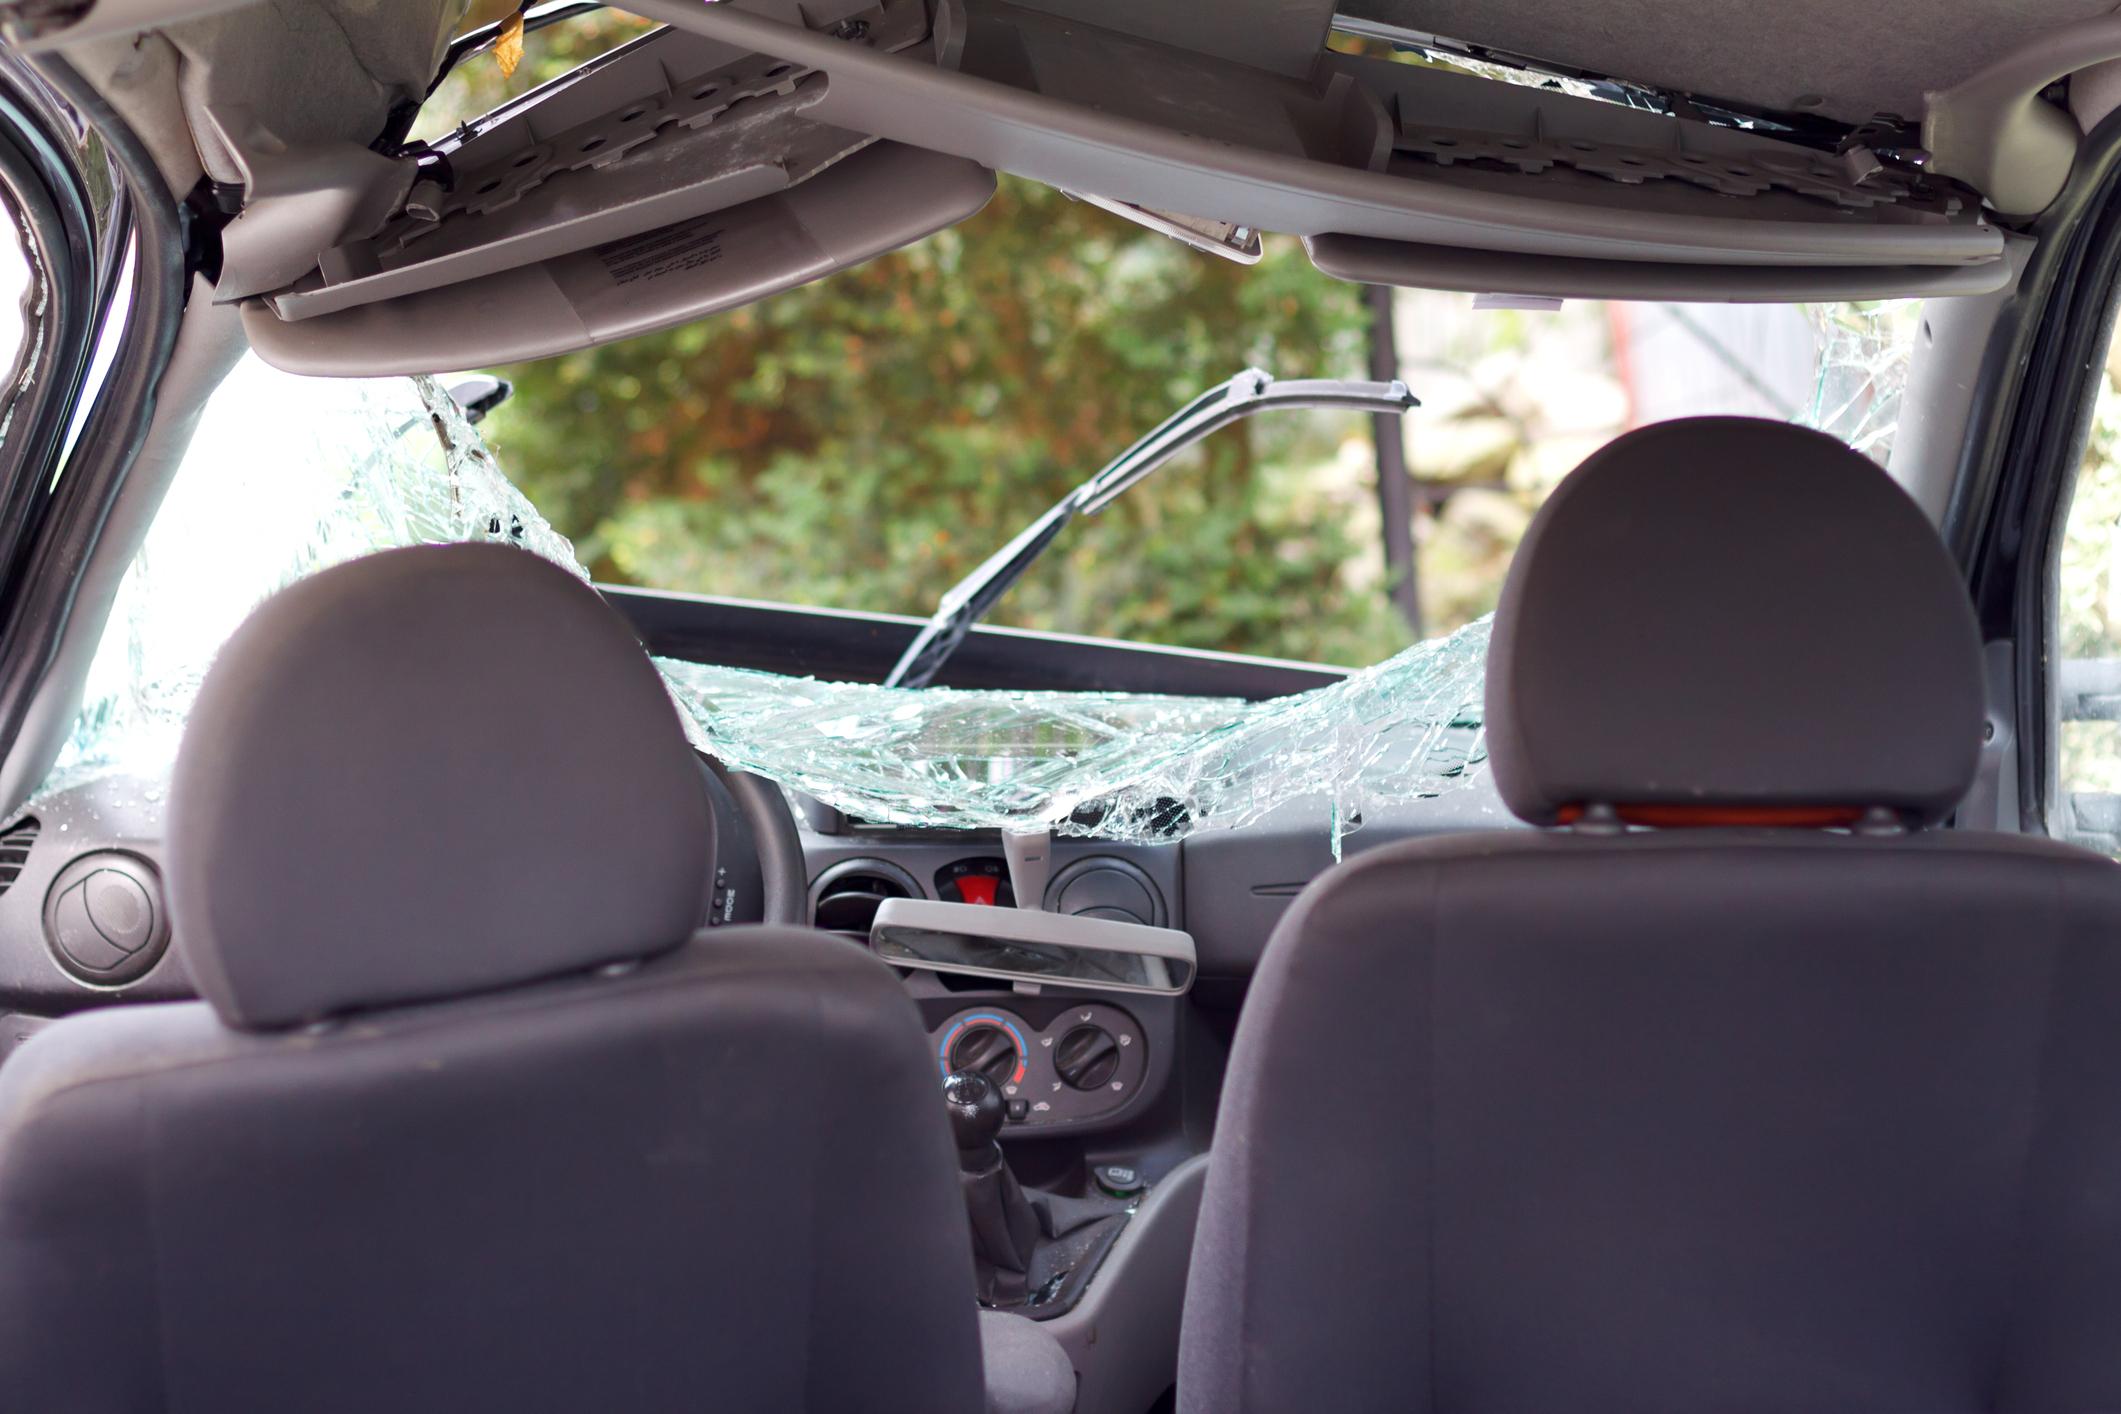 O pagamento do seguro DPVAT foi negado a várias vítimas de acidente de trânsito pela seguradora Líder. Em um caso de atropelamento, paciente morreu sem receber. (AUTOPAPO)